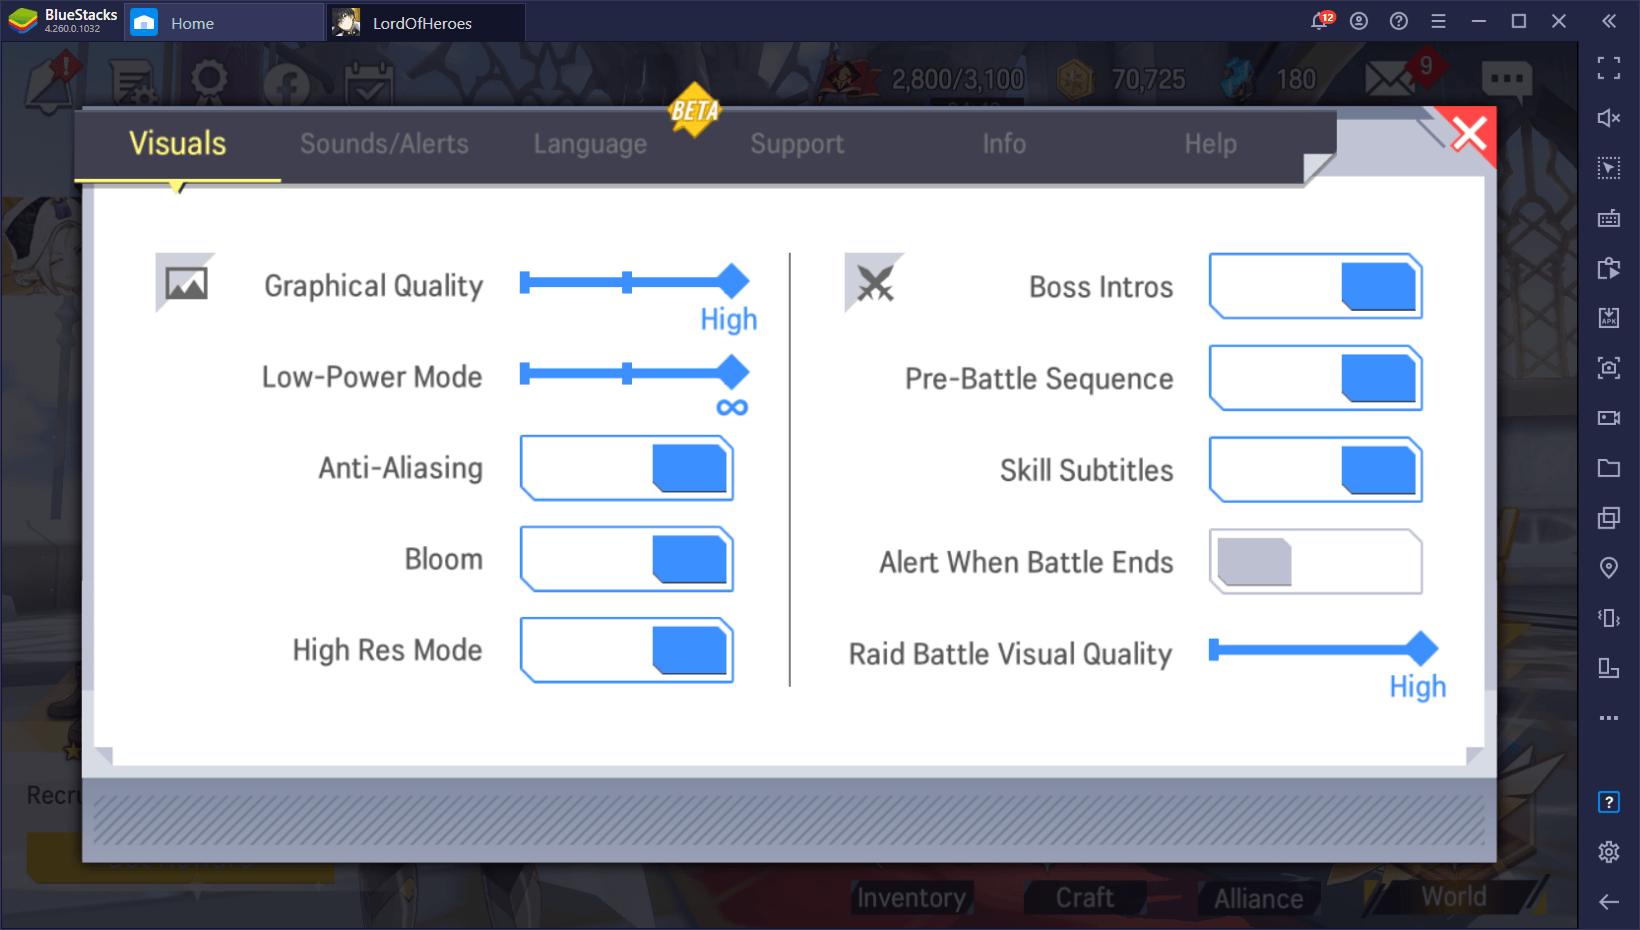 أفضل النصائح والحيل والاستراتيجيات في لعبة Lord of Heroes على جهاز الكمبيوتر